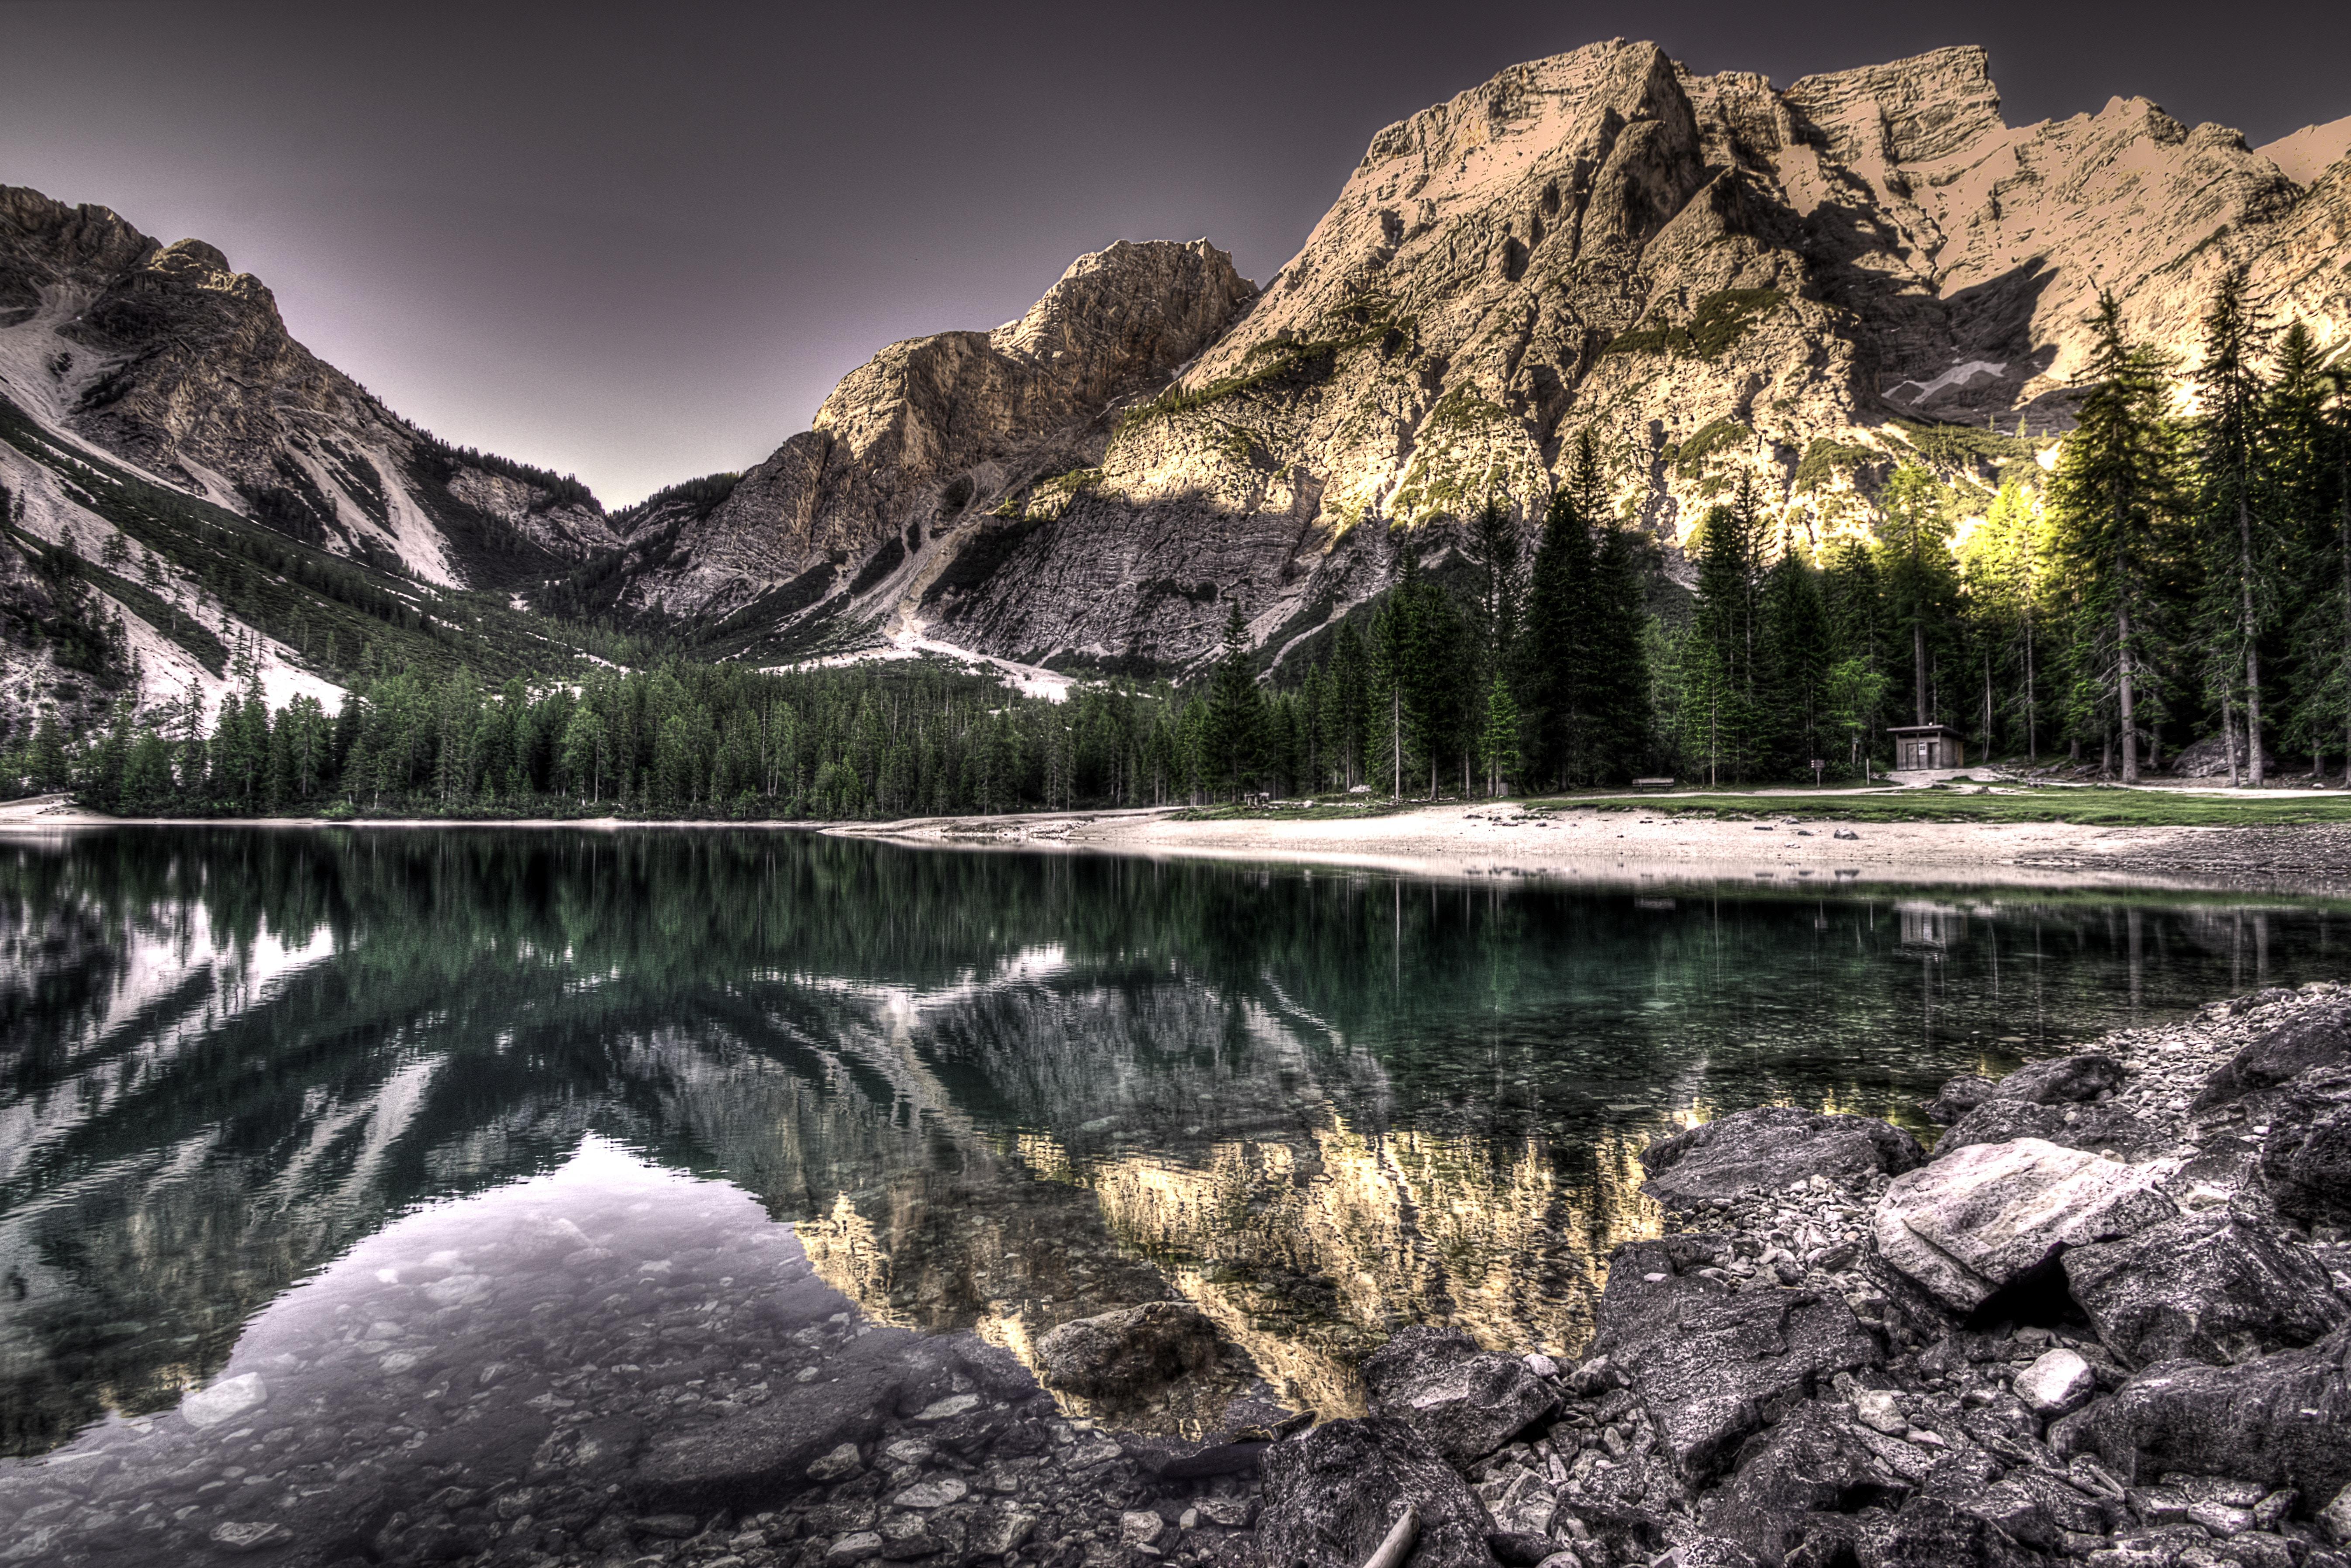 65317 fond d'écran 720x1520 sur votre téléphone gratuitement, téléchargez des images Nature, Montagnes, Lac, Réflexion, Hdr 720x1520 sur votre mobile